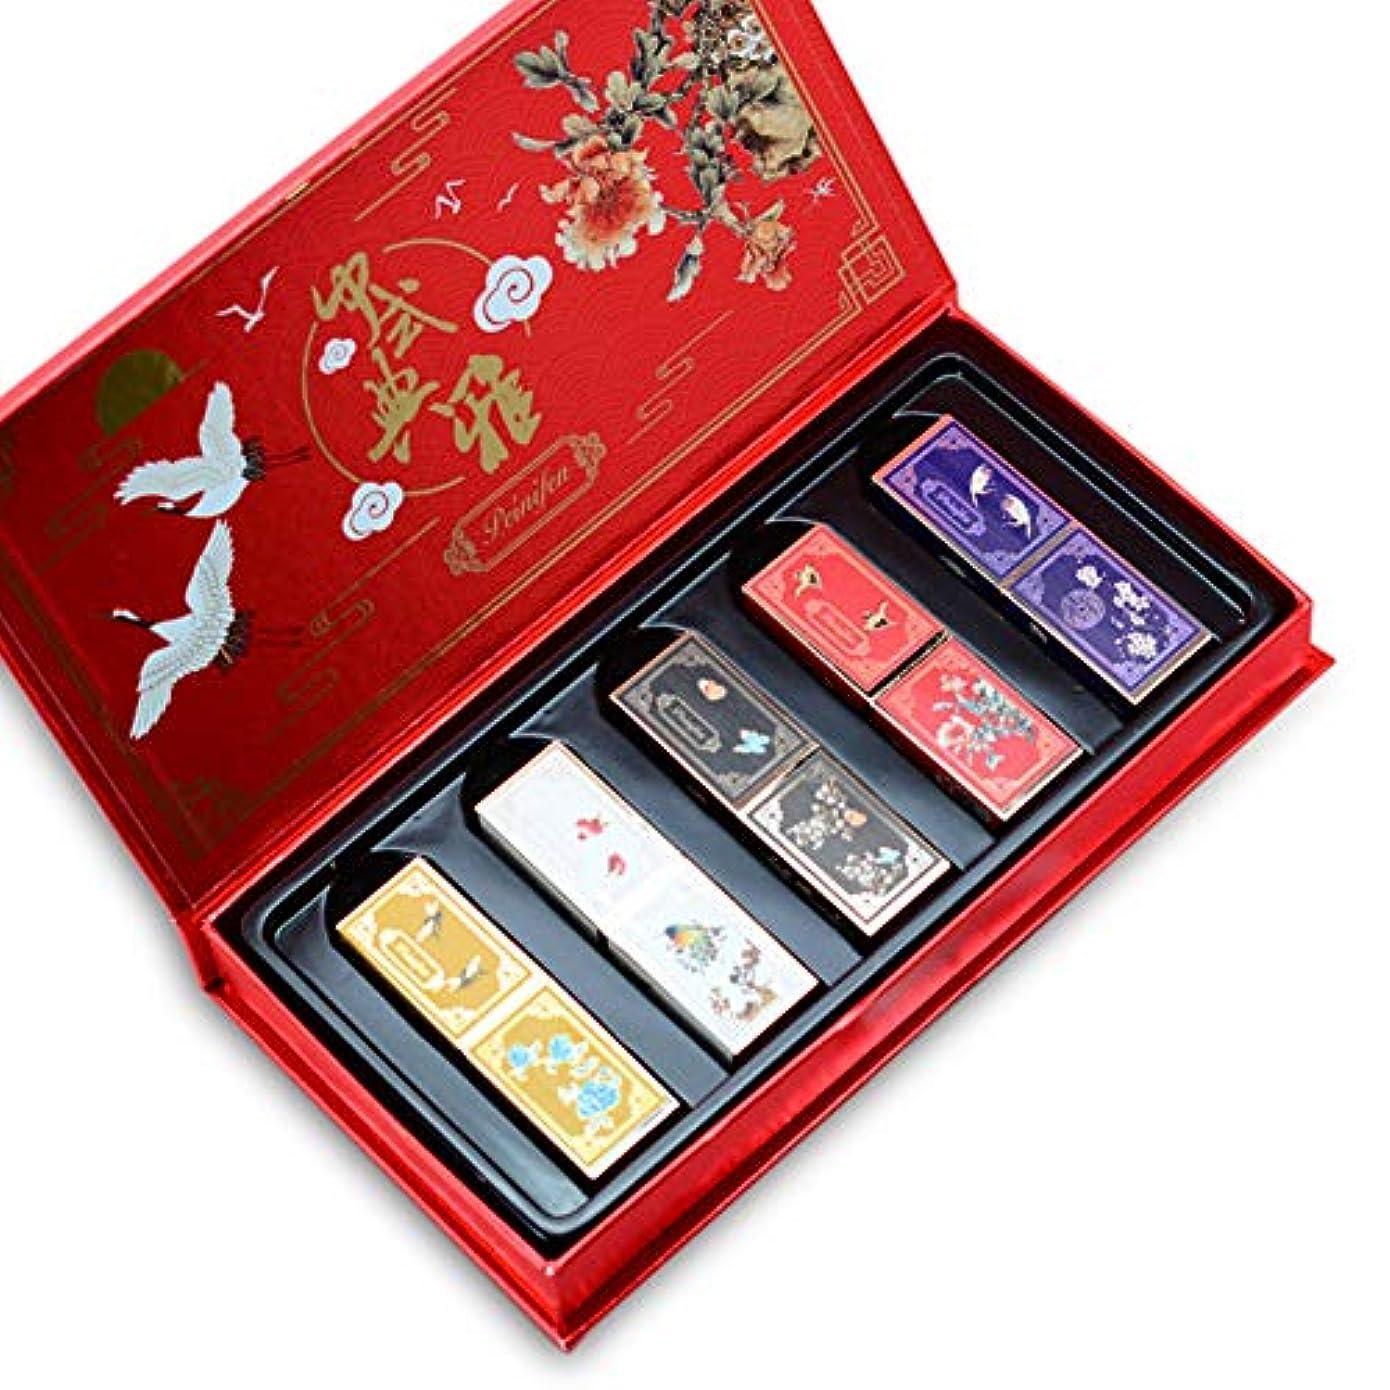 力学きれいにショットBalai 紫禁城スタイルの口紅セット 防水 ノンスティックカップ長持ち口紅 キット 5種類の口紅